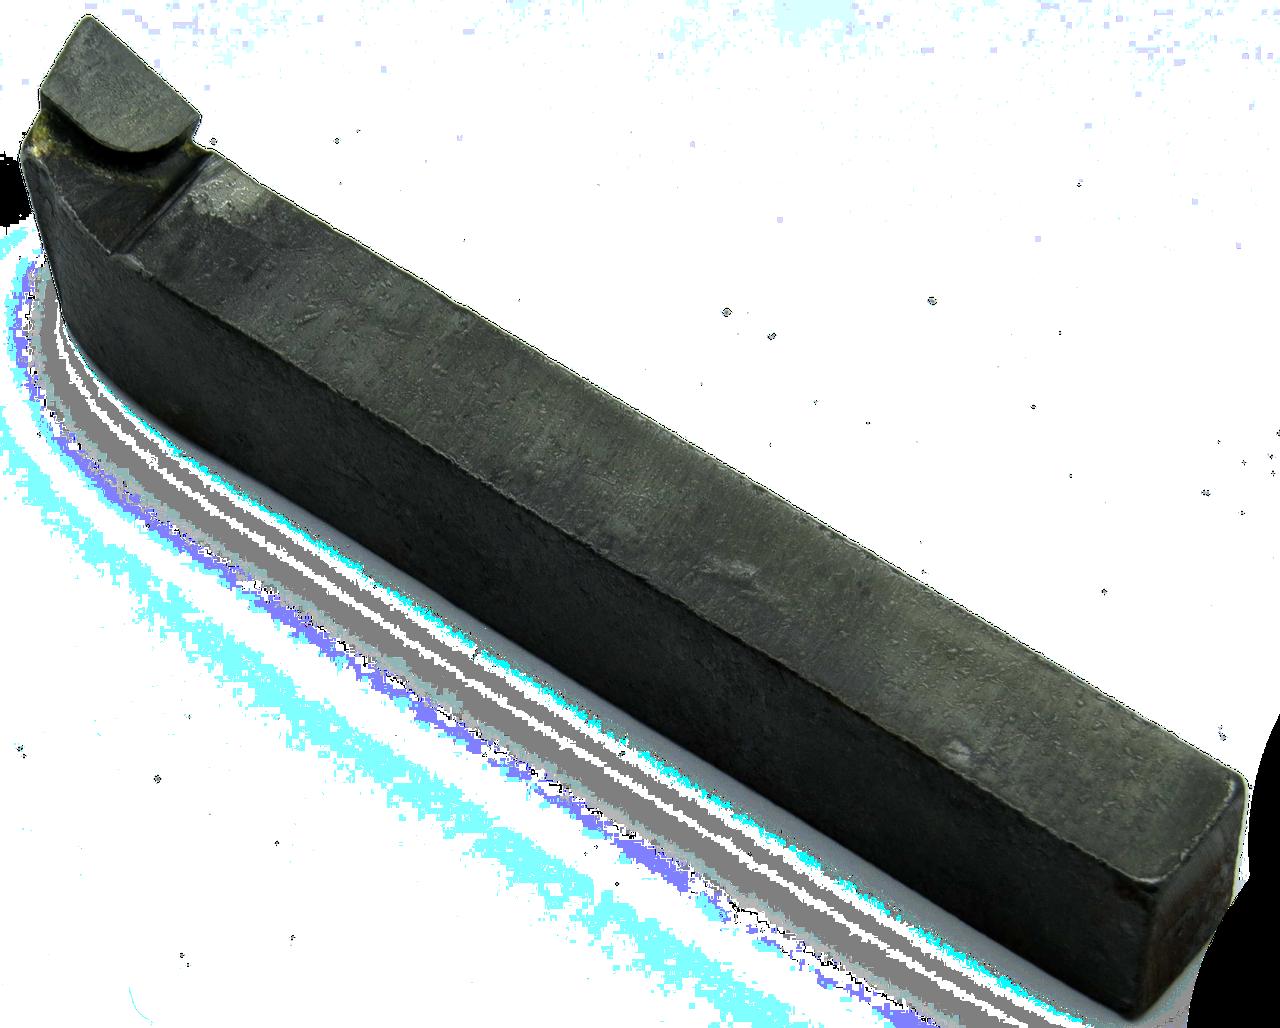 Резец токарный подрезной отогнутый 32х20х170 Т5К10 левый ГОСТ 18880-73